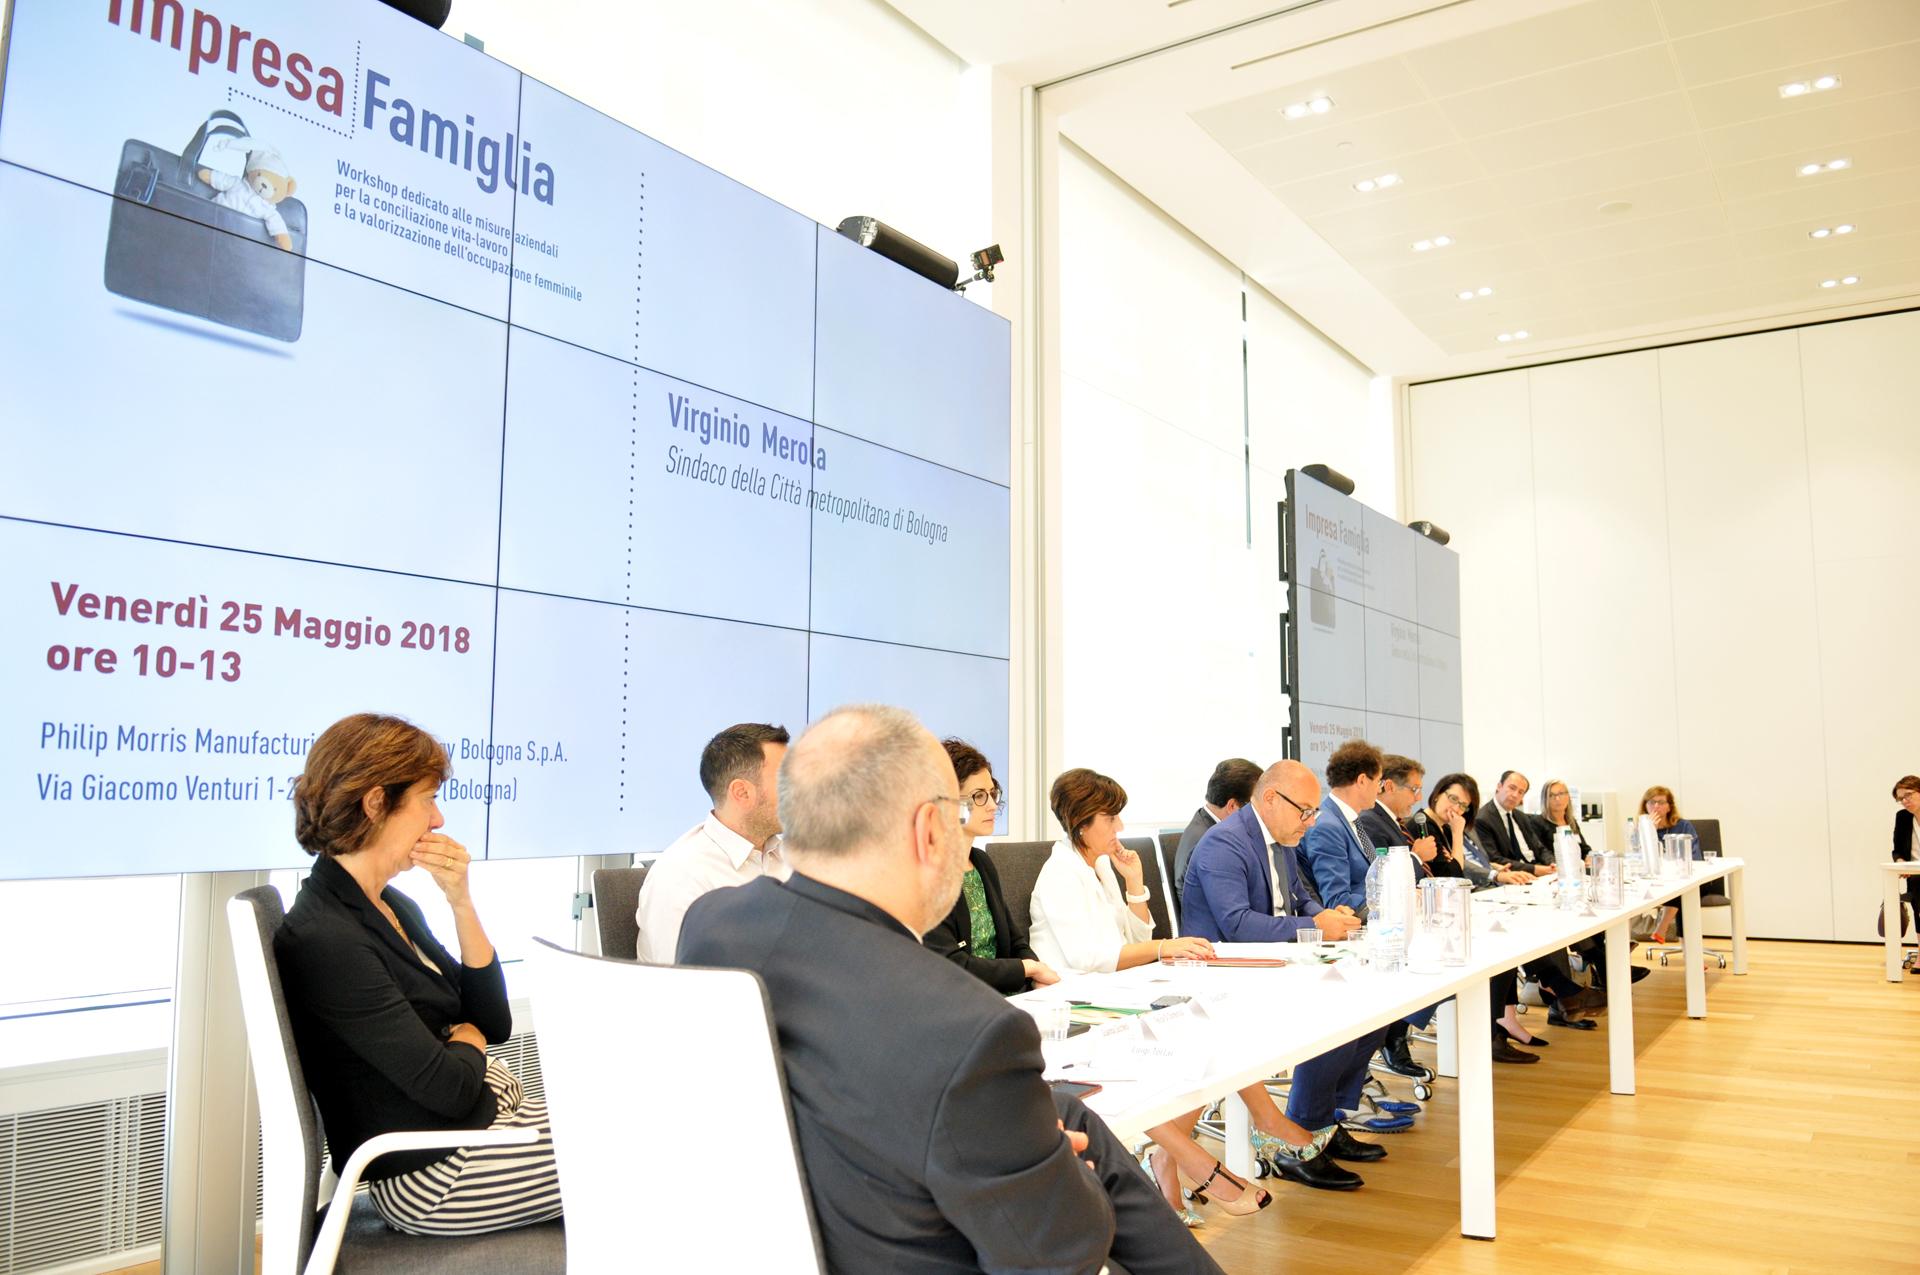 Impresa Famiglia. 25 maggio 2018